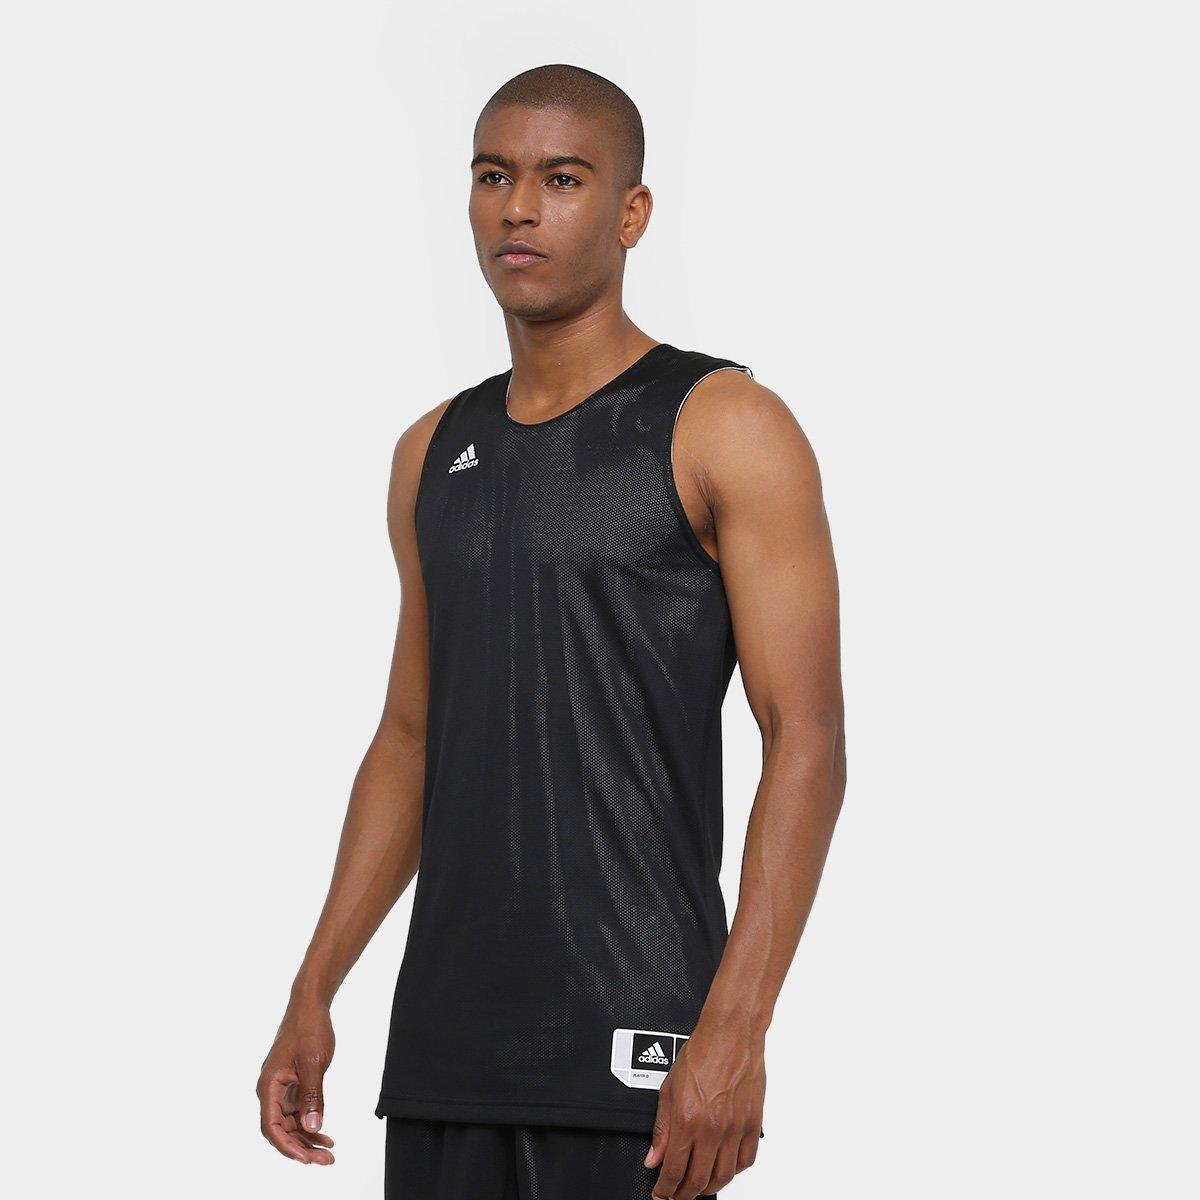 452cb7f919 Camiseta Regata Adidas Treino Reversivel Masculina - Compre Agora ...